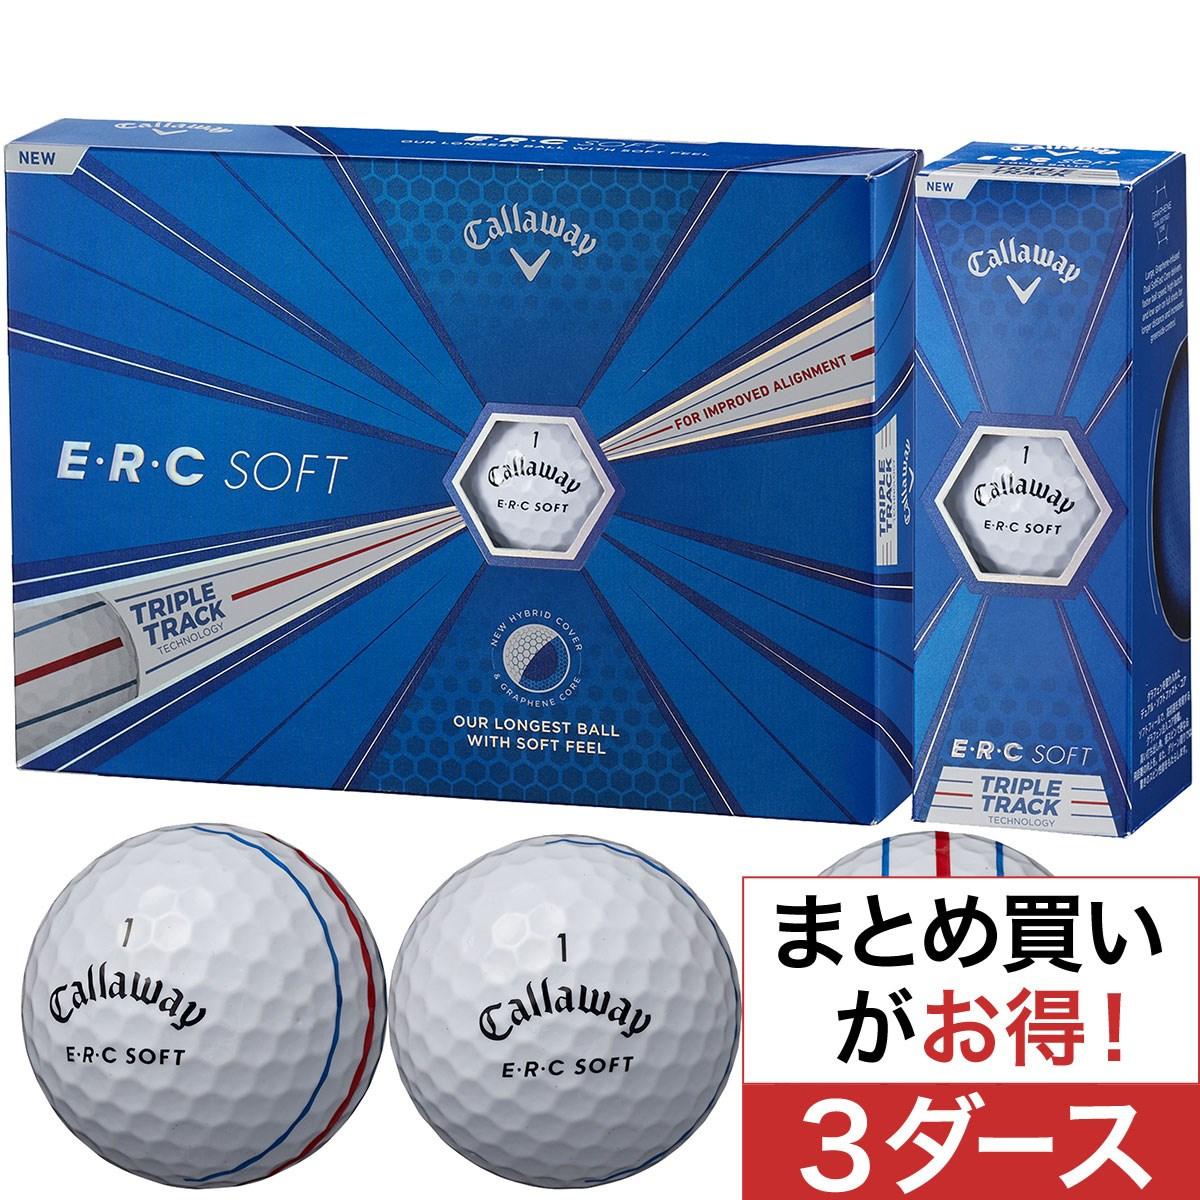 キャロウェイゴルフ(Callaway Golf) ERC SOFT 19 TRIPLE TRACK ボール 3ダースセット